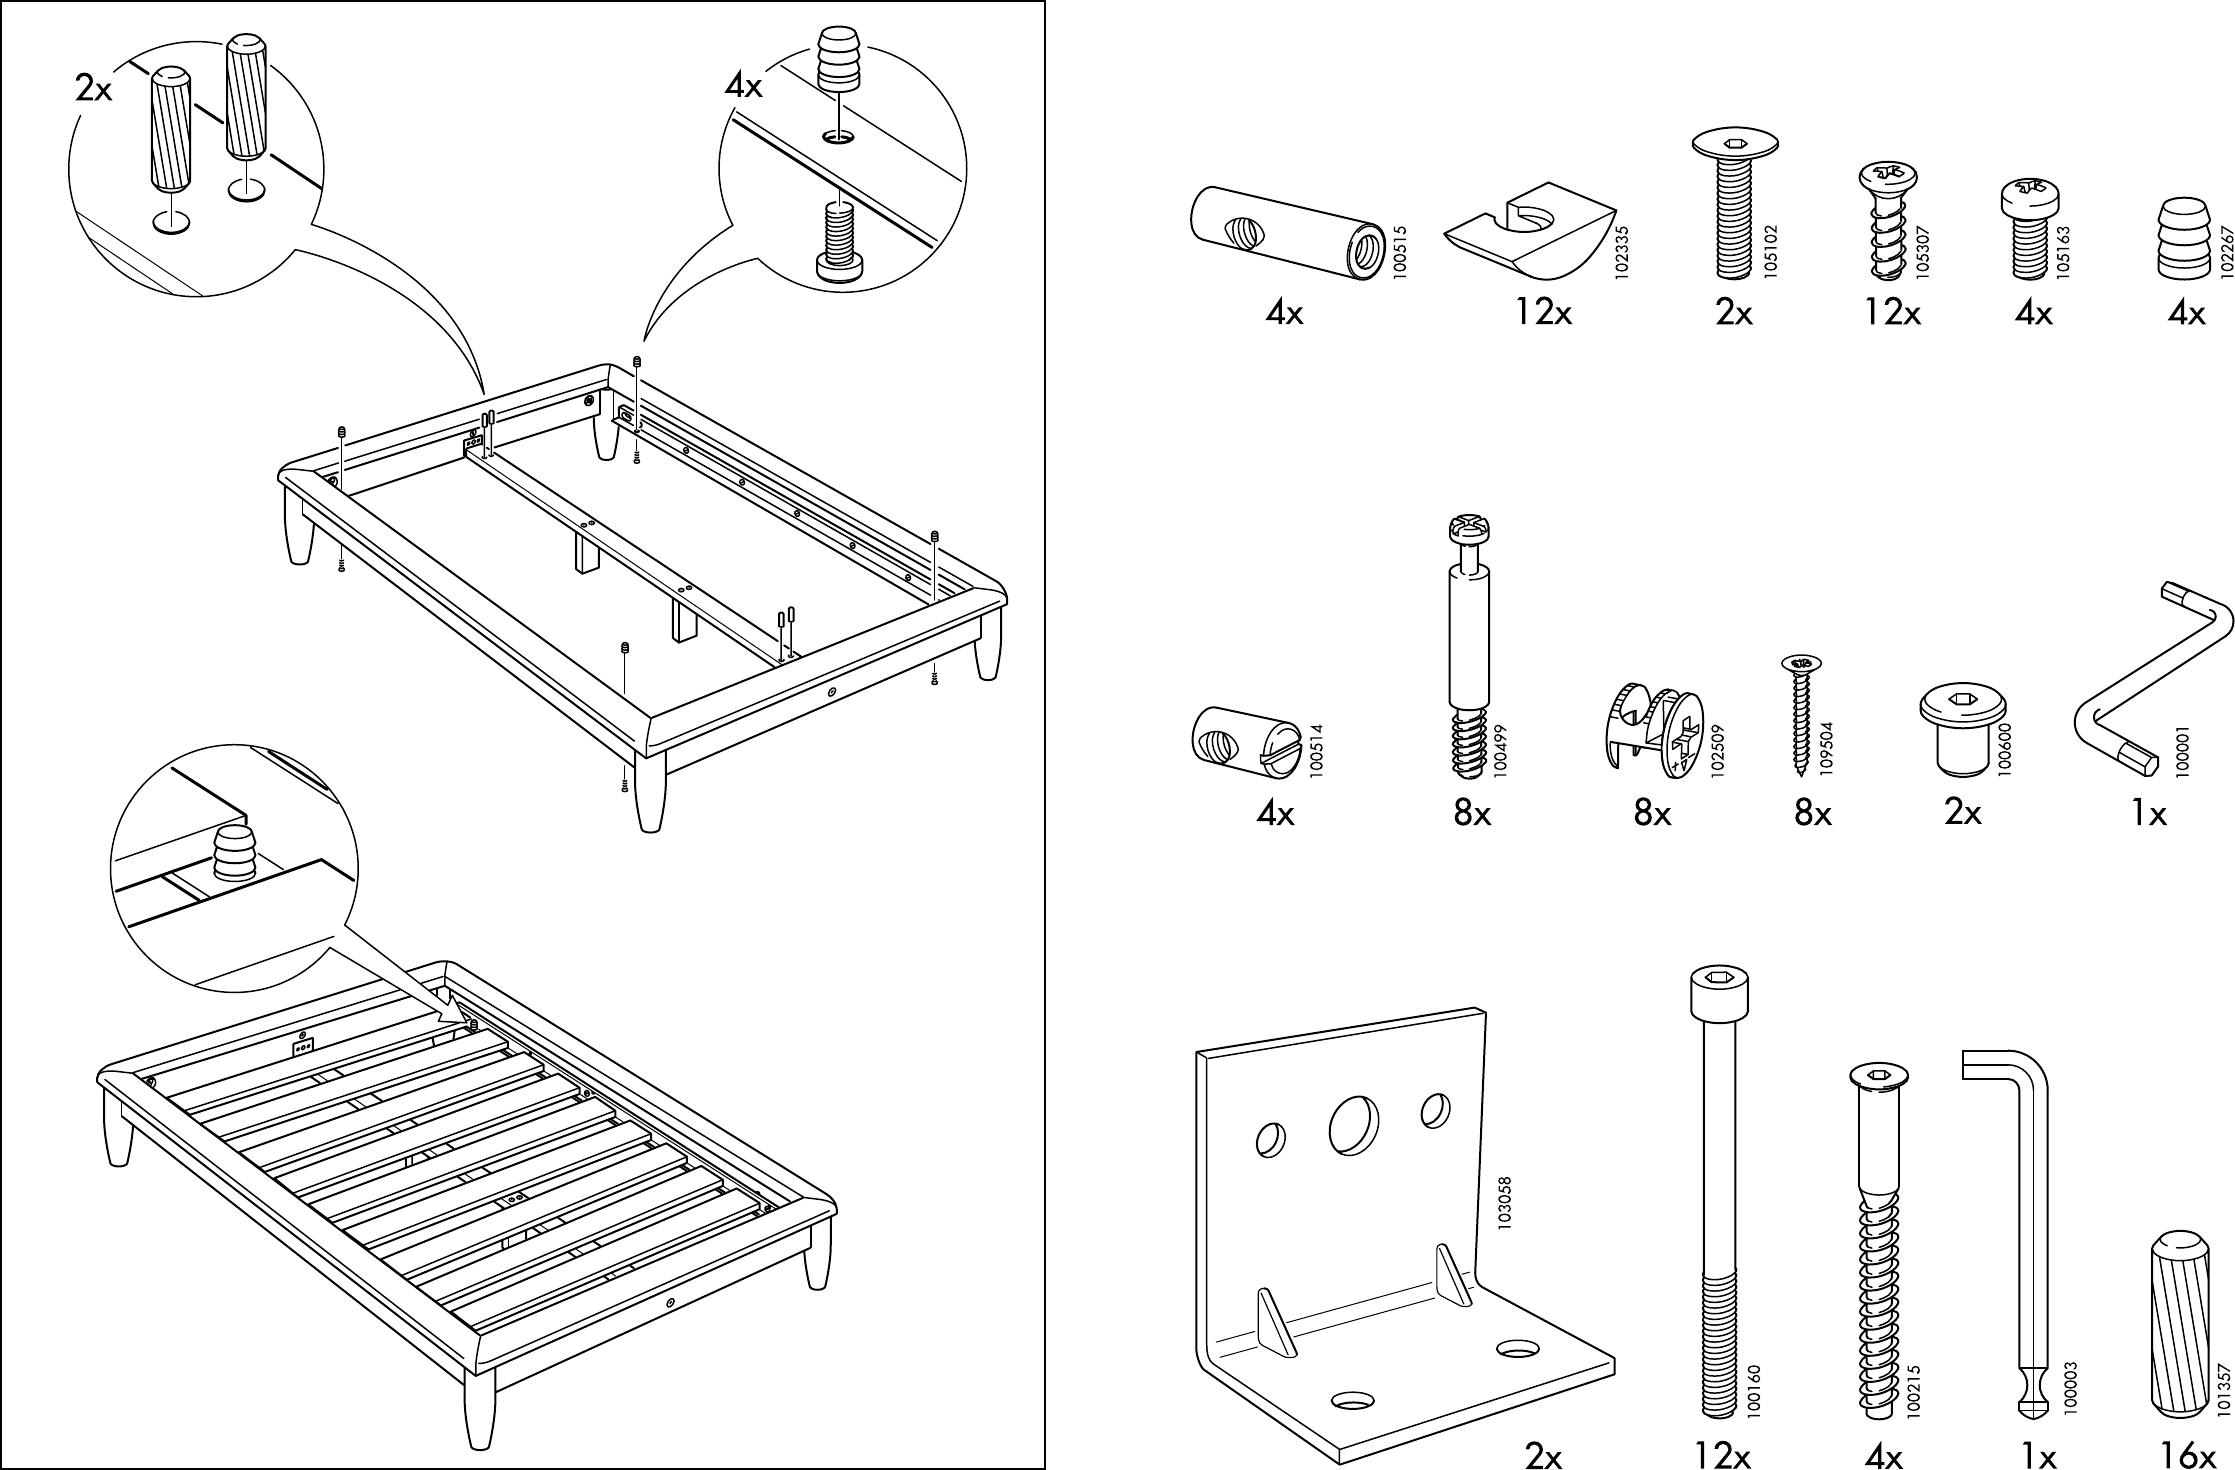 bedienungsanleitung ikea hamar accesoires seite 3 von 10 d nisch deutsch englisch spanisch. Black Bedroom Furniture Sets. Home Design Ideas